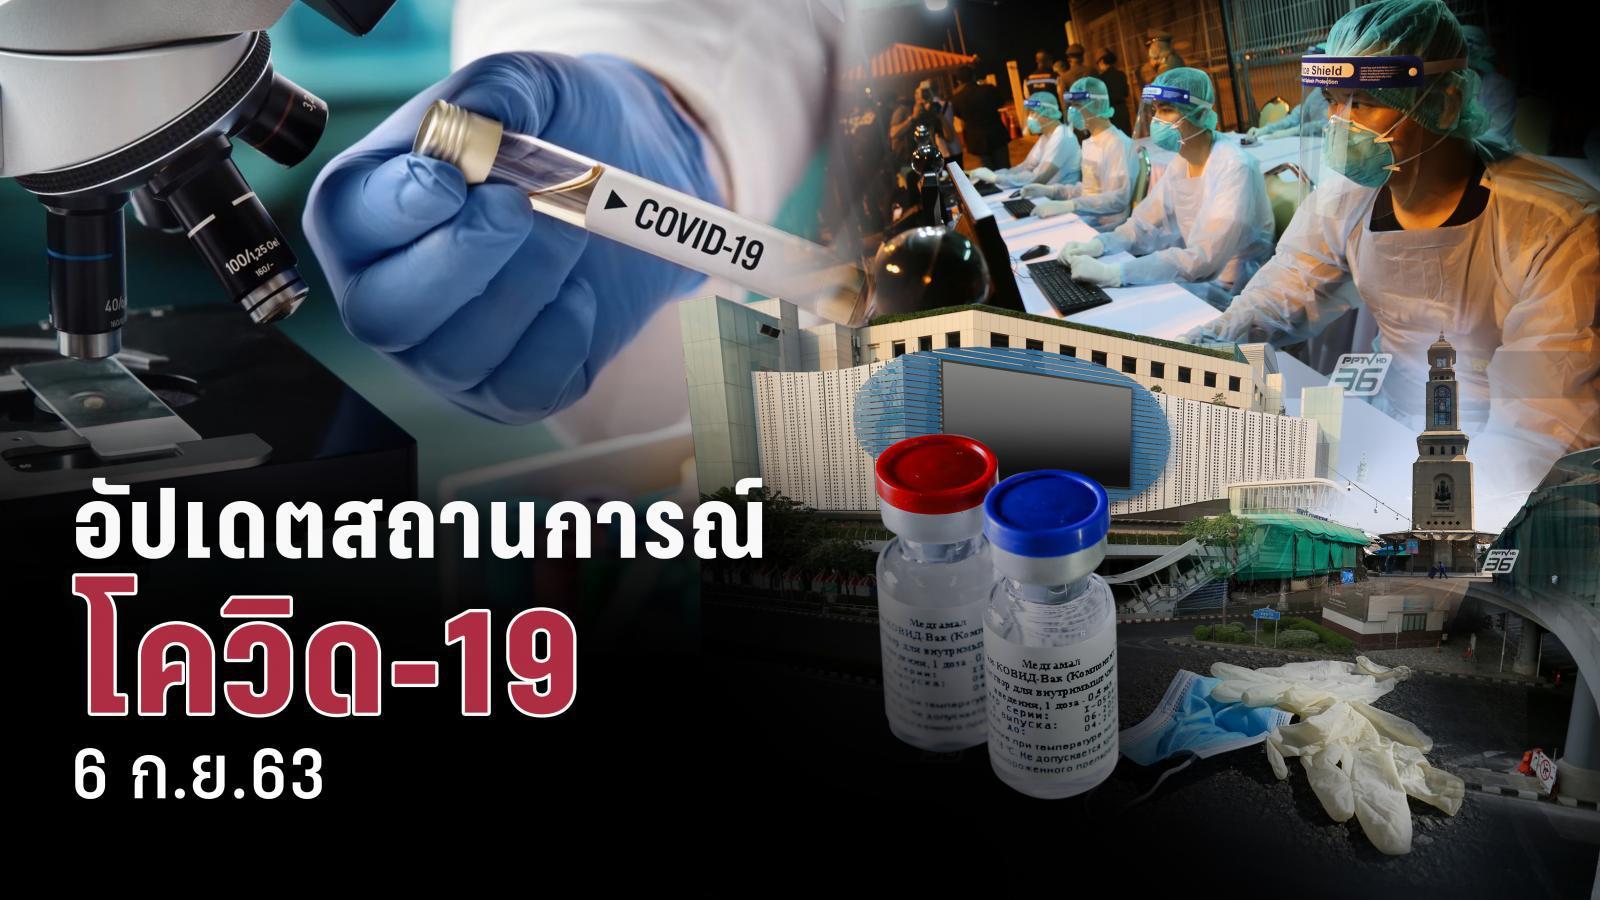 อัปเดต สถานการณ์โควิด-19 ทั้งในไทยและต่างประเทศทั่วโลก 6 ก.ย. 2563